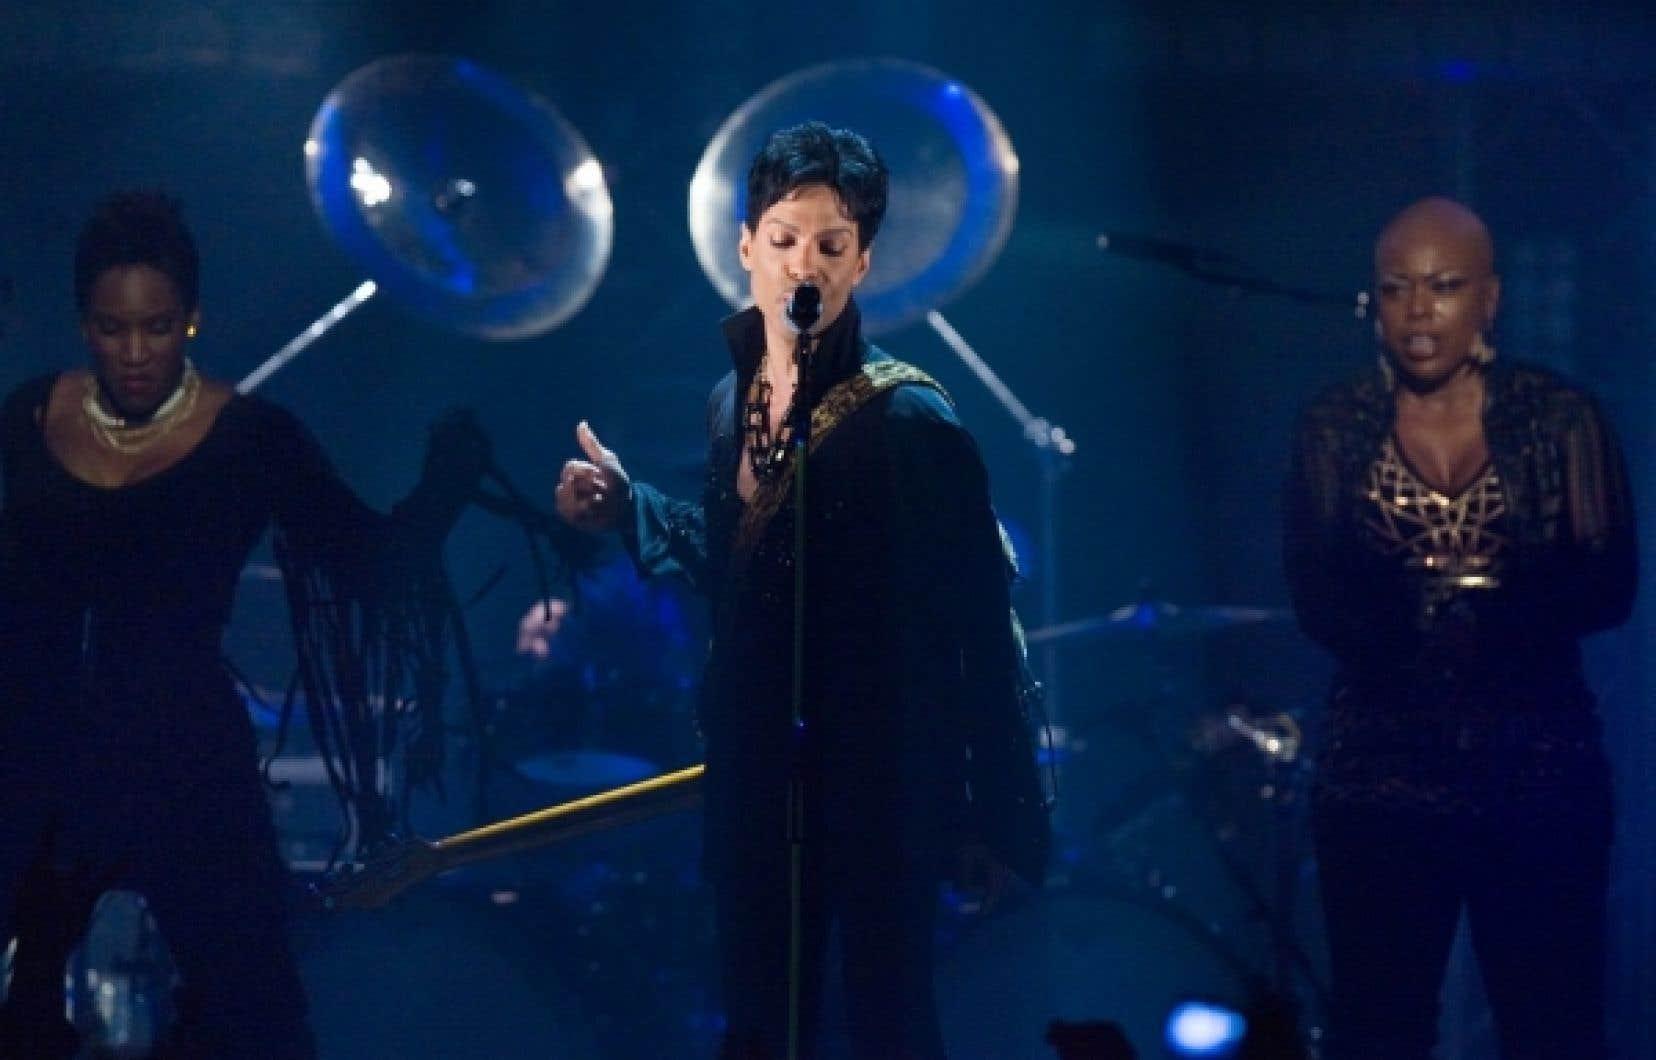 L'aisance de Prince sur scène fascine: sa façon de bouger, de danser, d'arpenter la scène pour mettre en valeur ses musiciens, tout témoigne d'un gigantesque talent et d'une parfaite connaissance des rouages du métier. La dégaine de superstar, il maîtrise. Et utilise à bon escient.